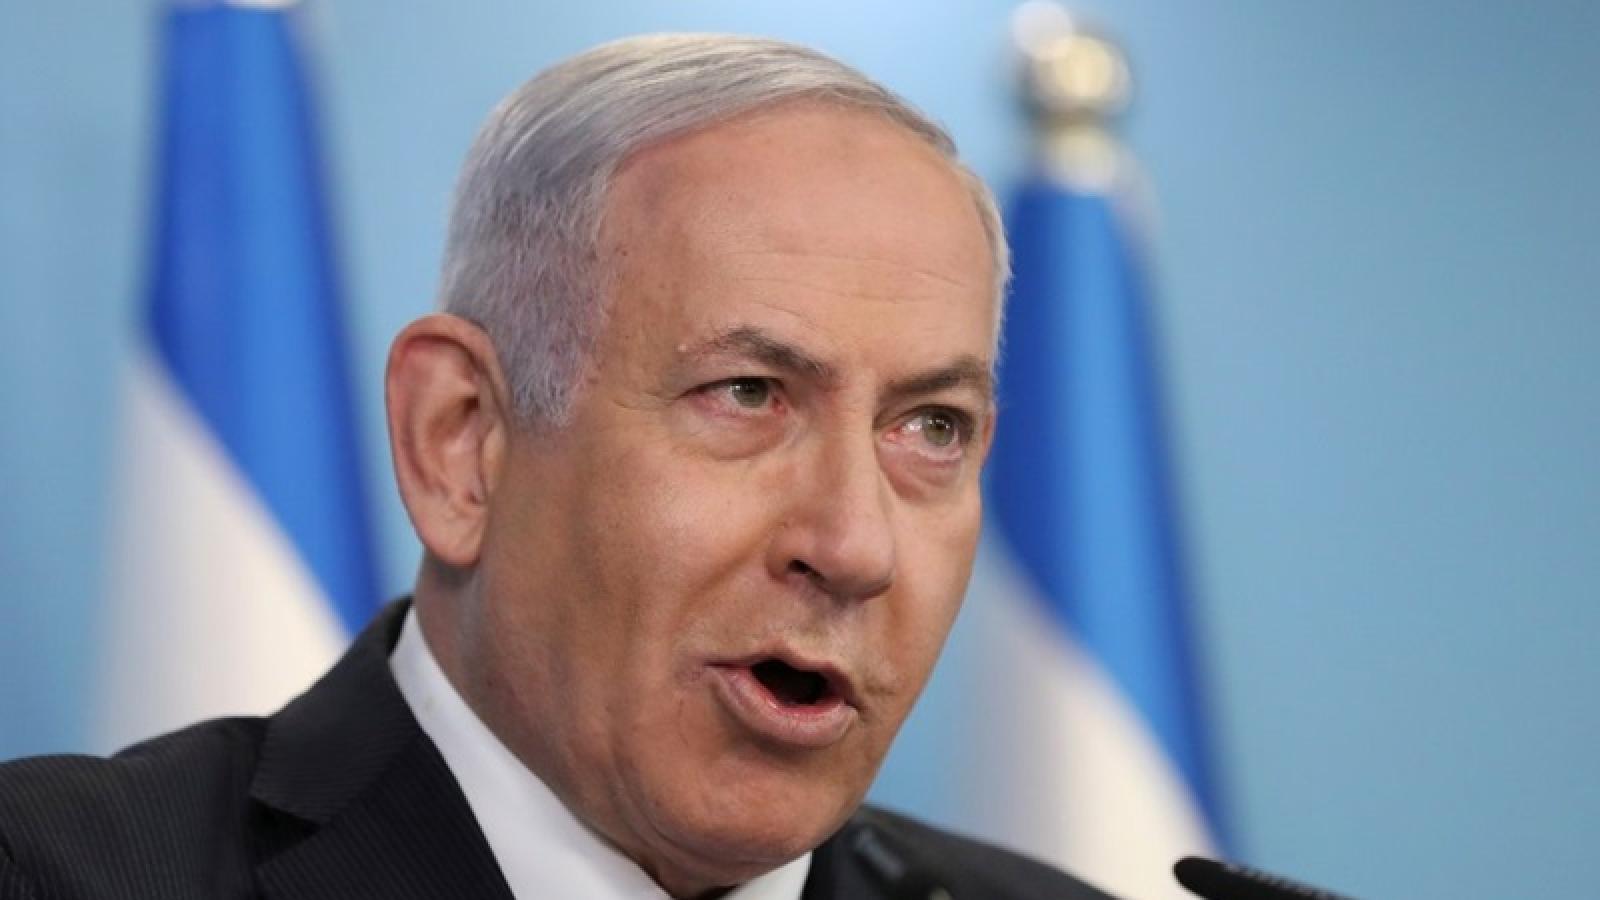 Israel sẽ thiết lập quan hệ ngoại giao với các nước Arab nào nữa sau UAE?